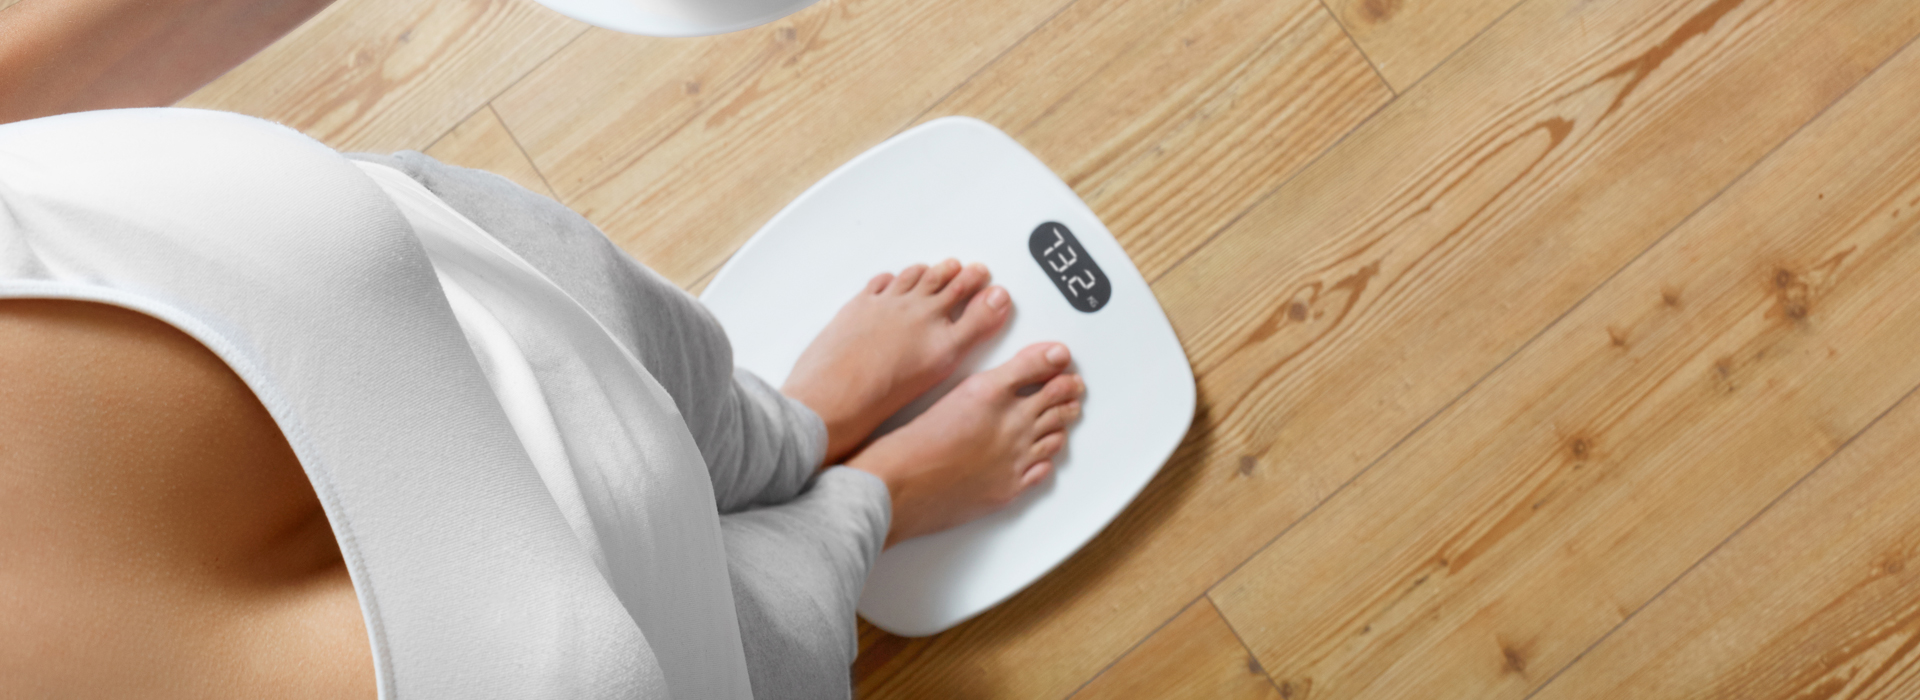 我老闆給我的年度績效目標是減肥10公斤